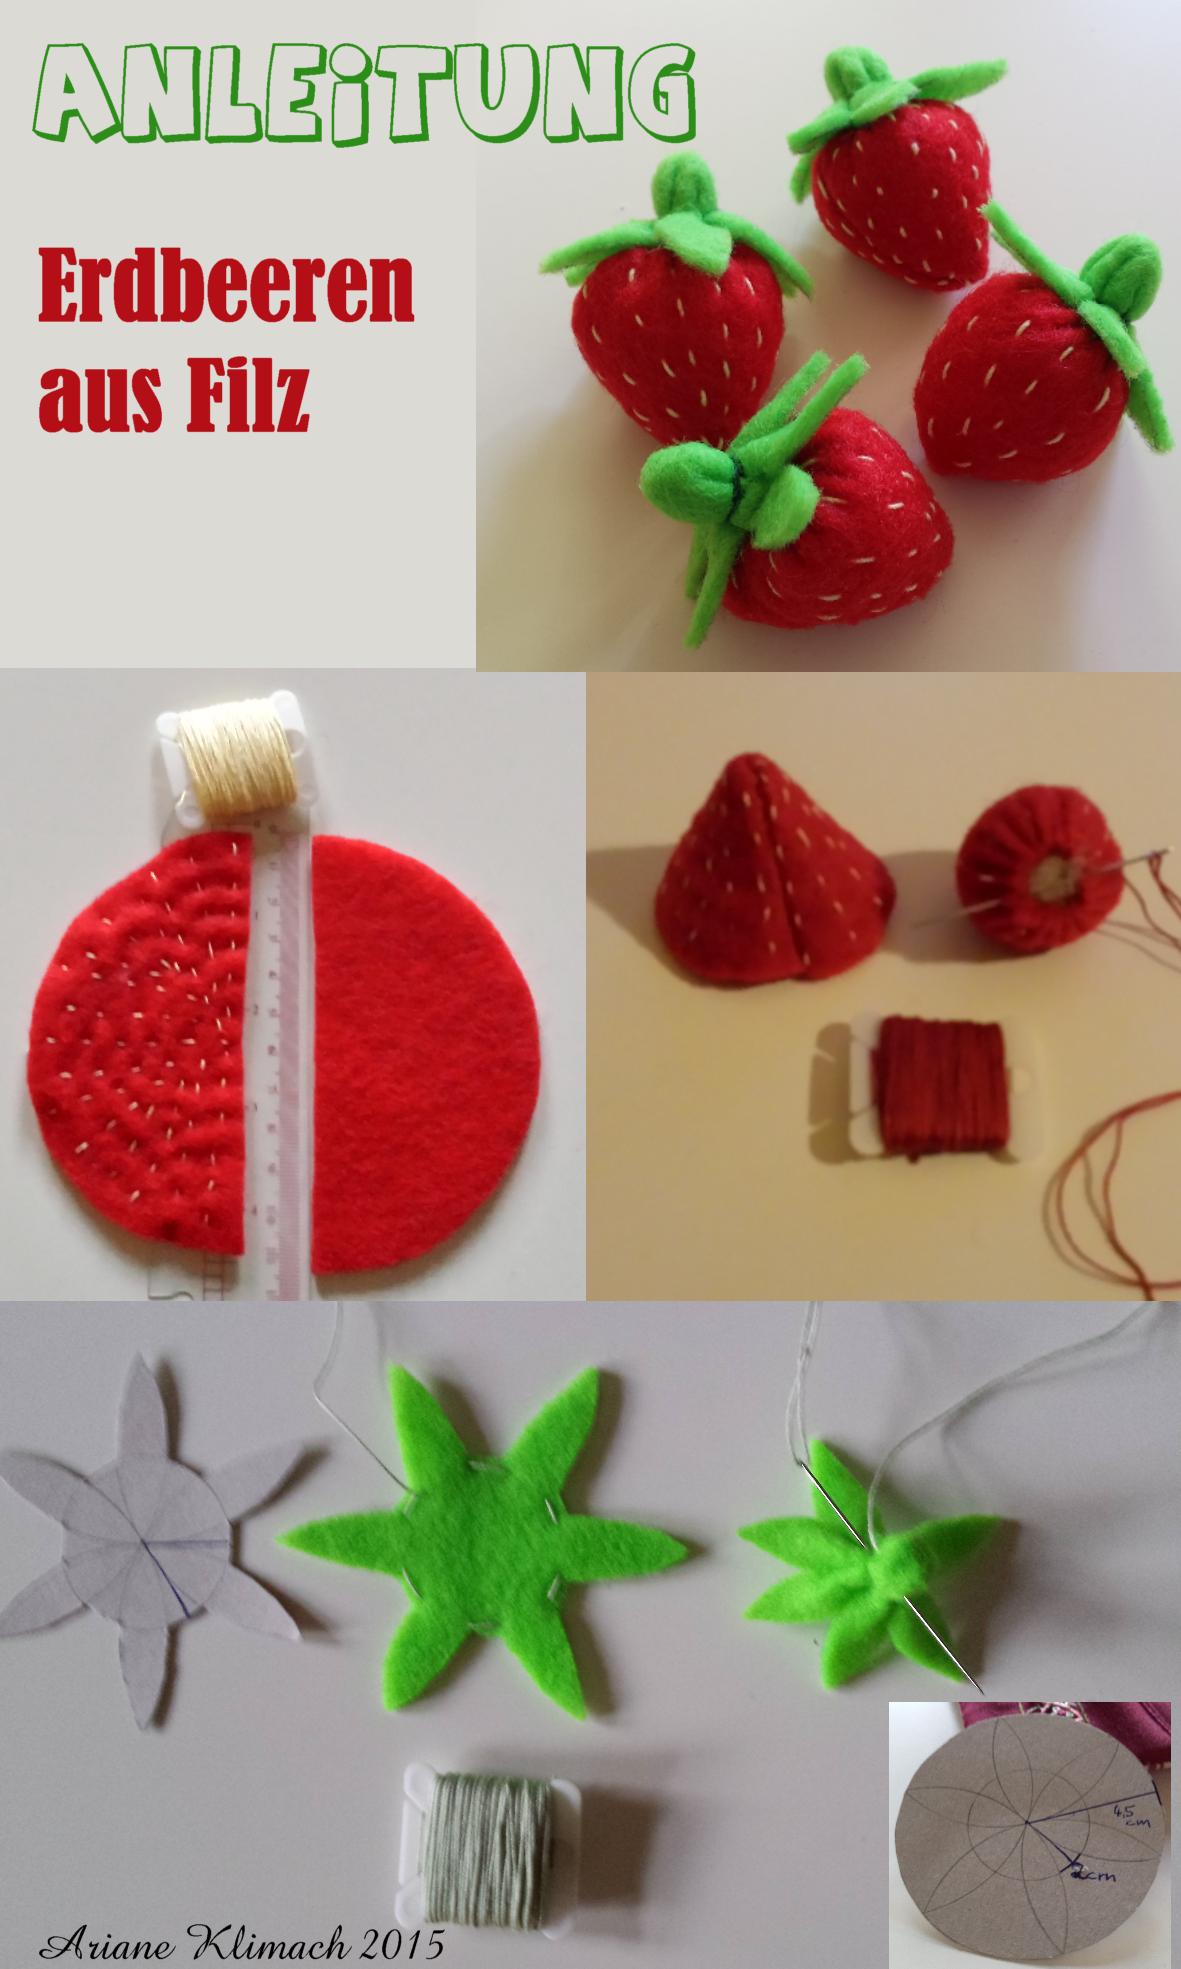 anleitung erdbeeren aus filz tutorial strawberries felt n hen pinterest erdbeeren. Black Bedroom Furniture Sets. Home Design Ideas